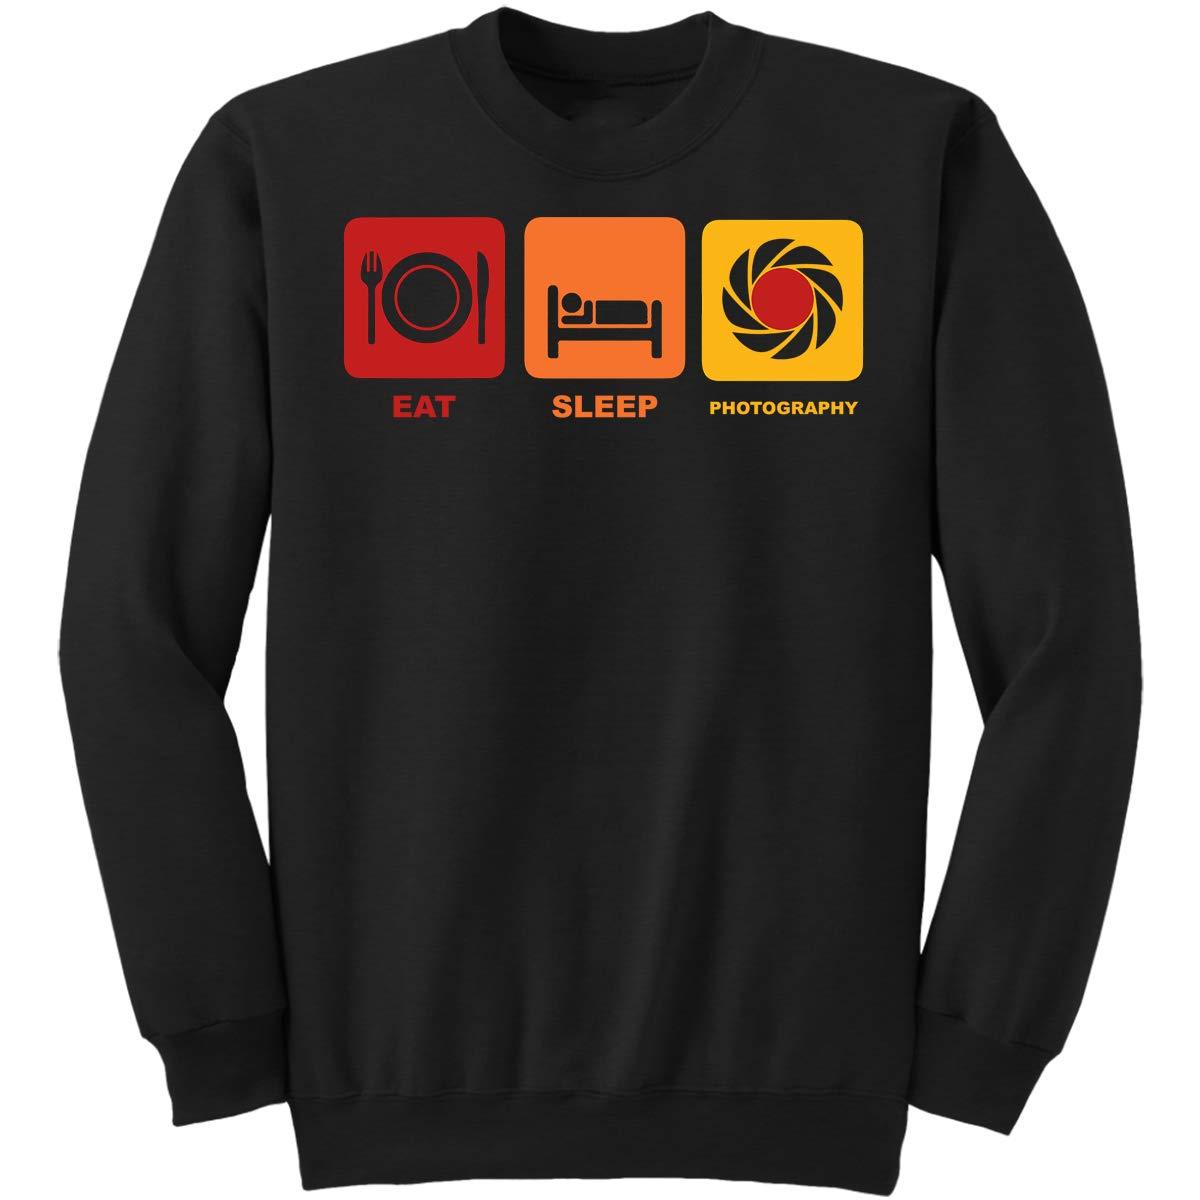 DoozyGifts99 Eat Sleep Photography-Photographer Men Sweatshirt